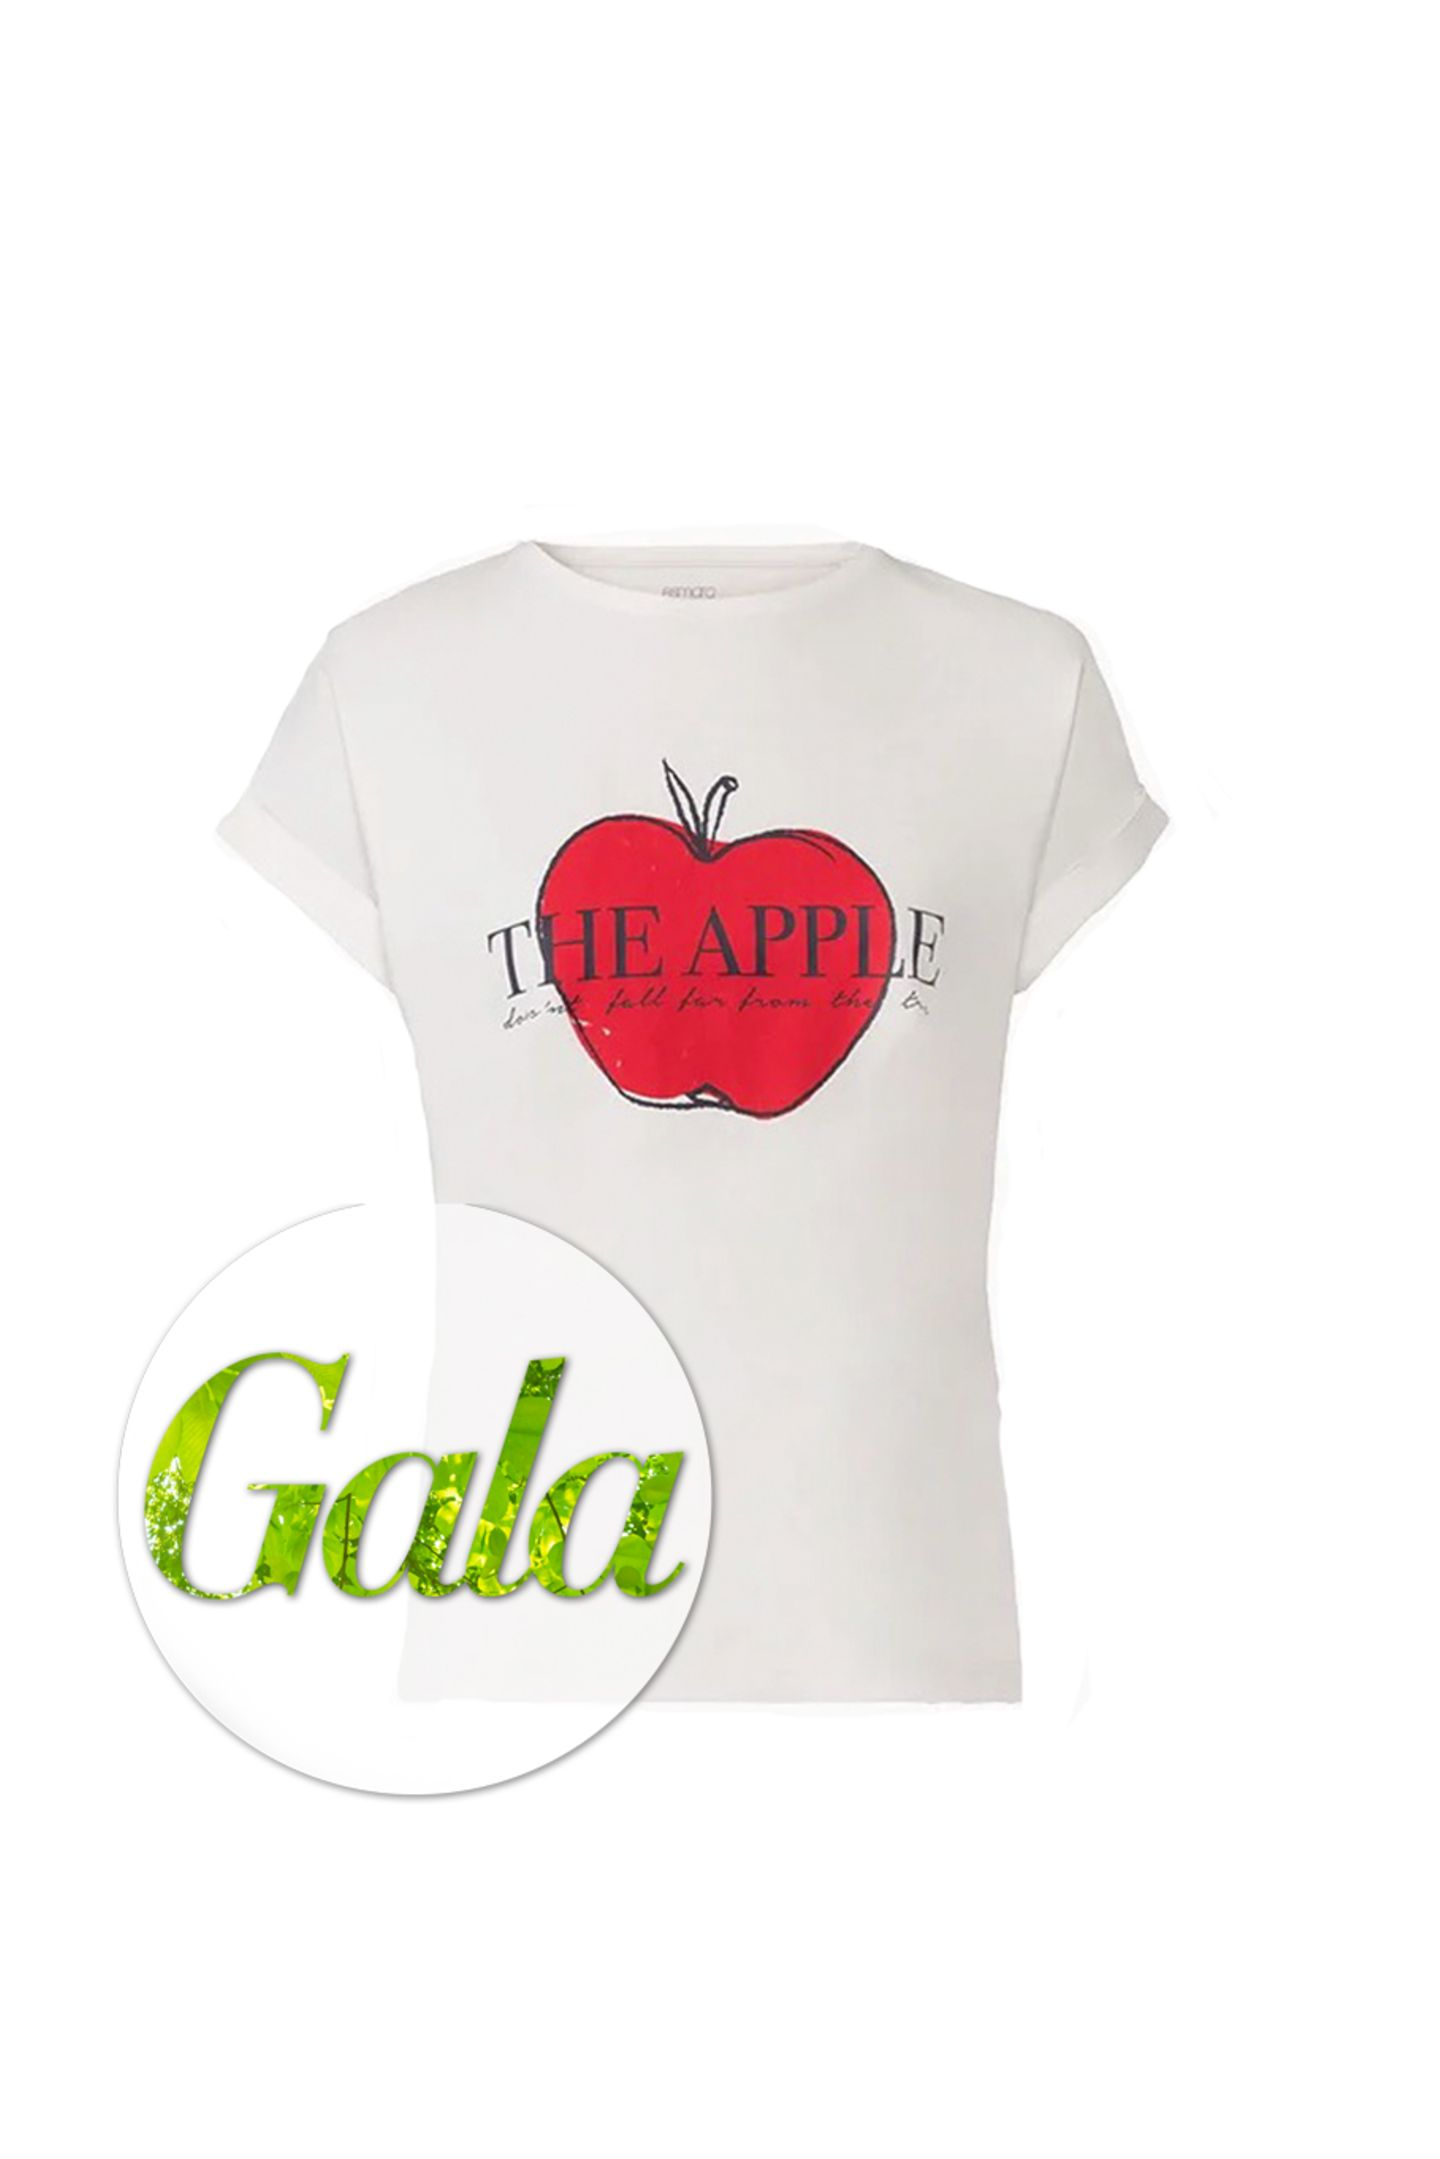 """Lidl hat zusammen mit Model Barbara Meier eine nachhaltige Kollektion herausgebracht. Die Kleidungsstücke zeichnen sich vor allem dadurch aus, dass sie nachhaltig,sozial und ökologisch hergestellt wurden. So auch dieses figurbetonte Shirt mit einer """"The Apple""""-Aufschrift. Von Lidl, aus der """"Grüne Knopf""""-Kollektion, ab sofort erhältlich, kostet ca.. 5 Euro."""